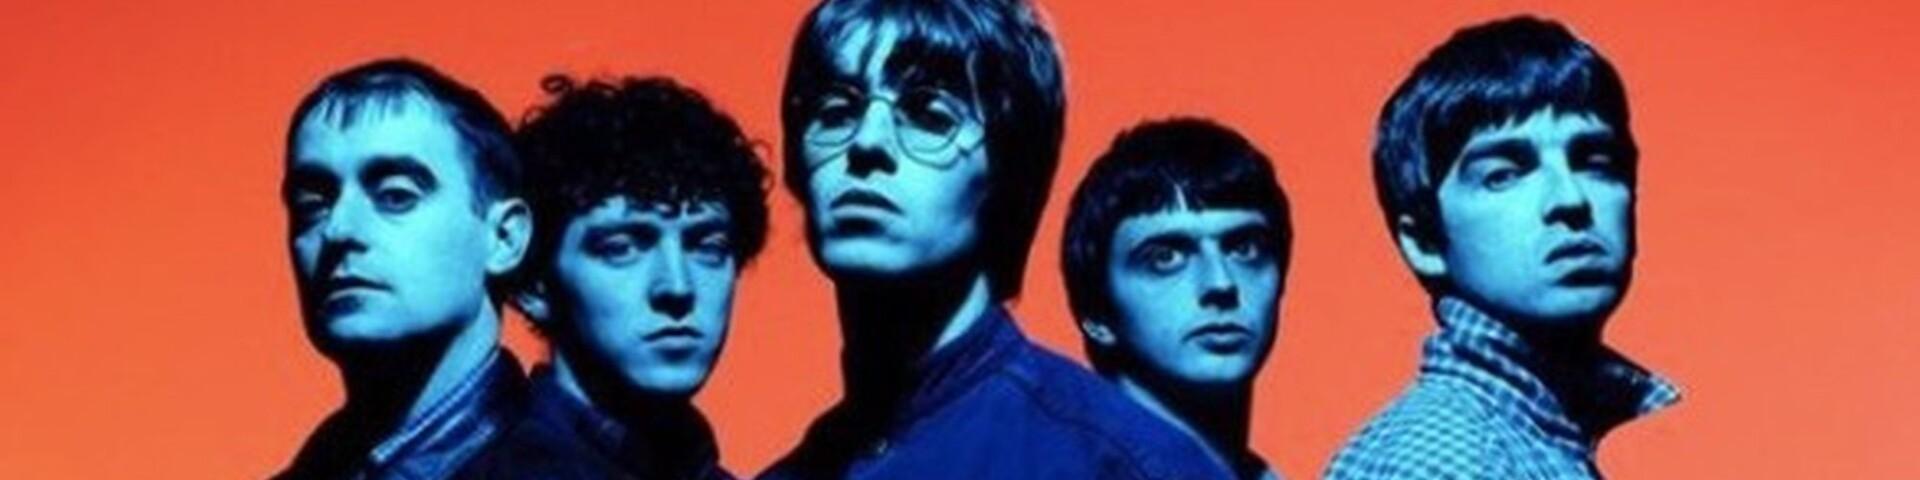 Oasis Knebworth 1996: il concerto raccontato dai fan